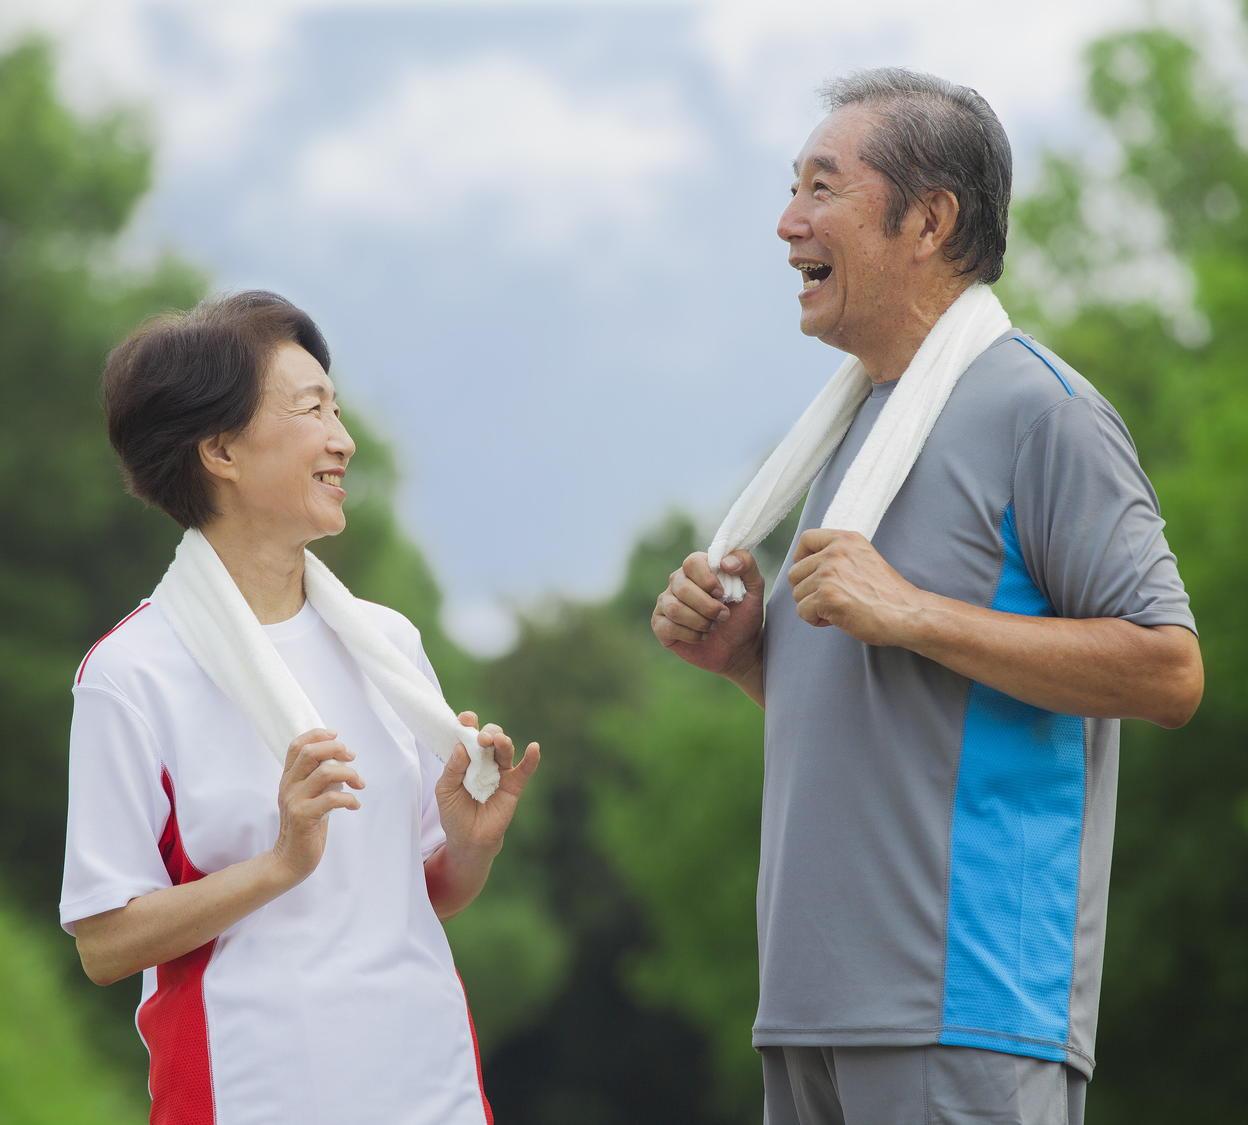 高齢者が働く理由は「体に良い」「老化を防ぐ」 介護中の離職は深刻